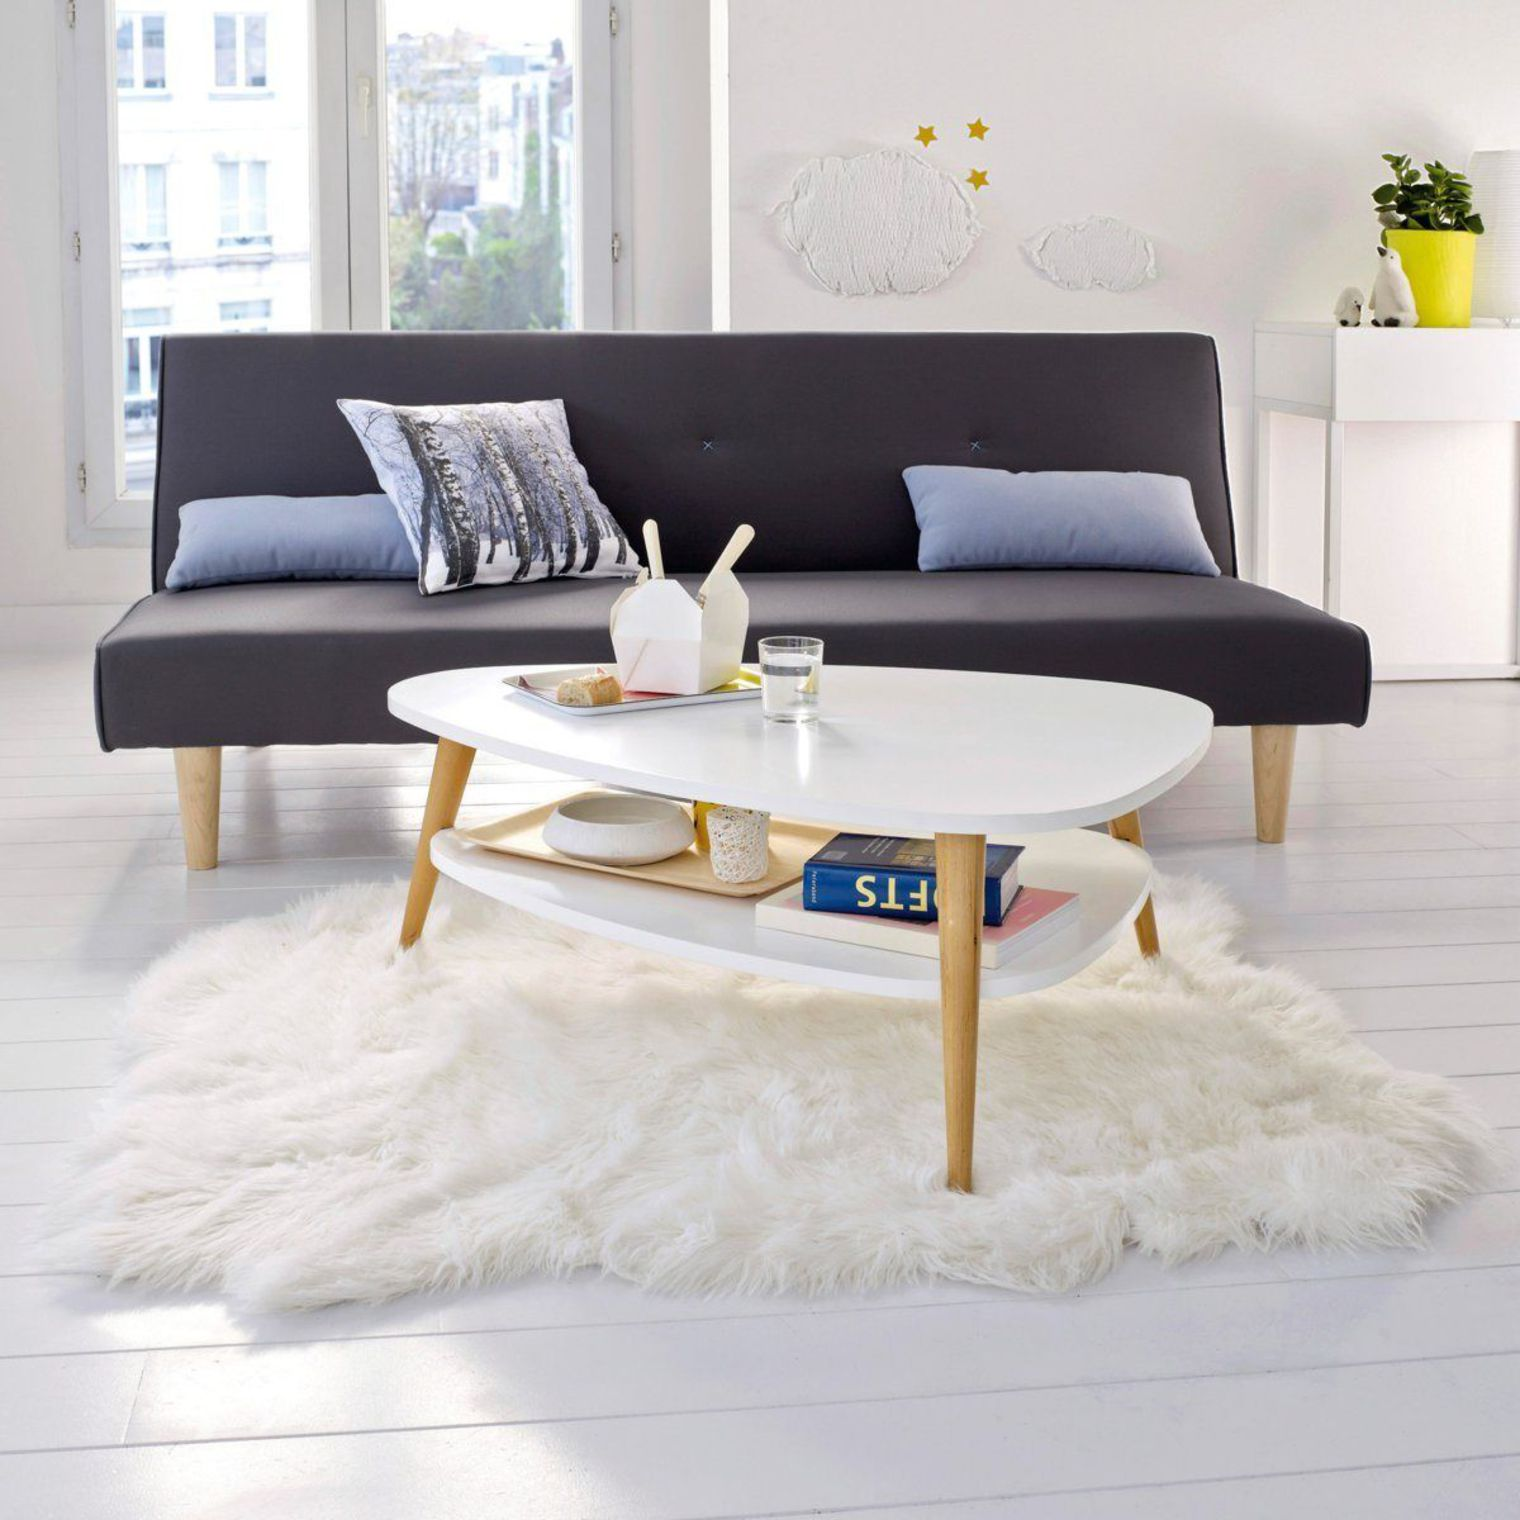 Мебель для комнаты: раздвижной диван - фото 1